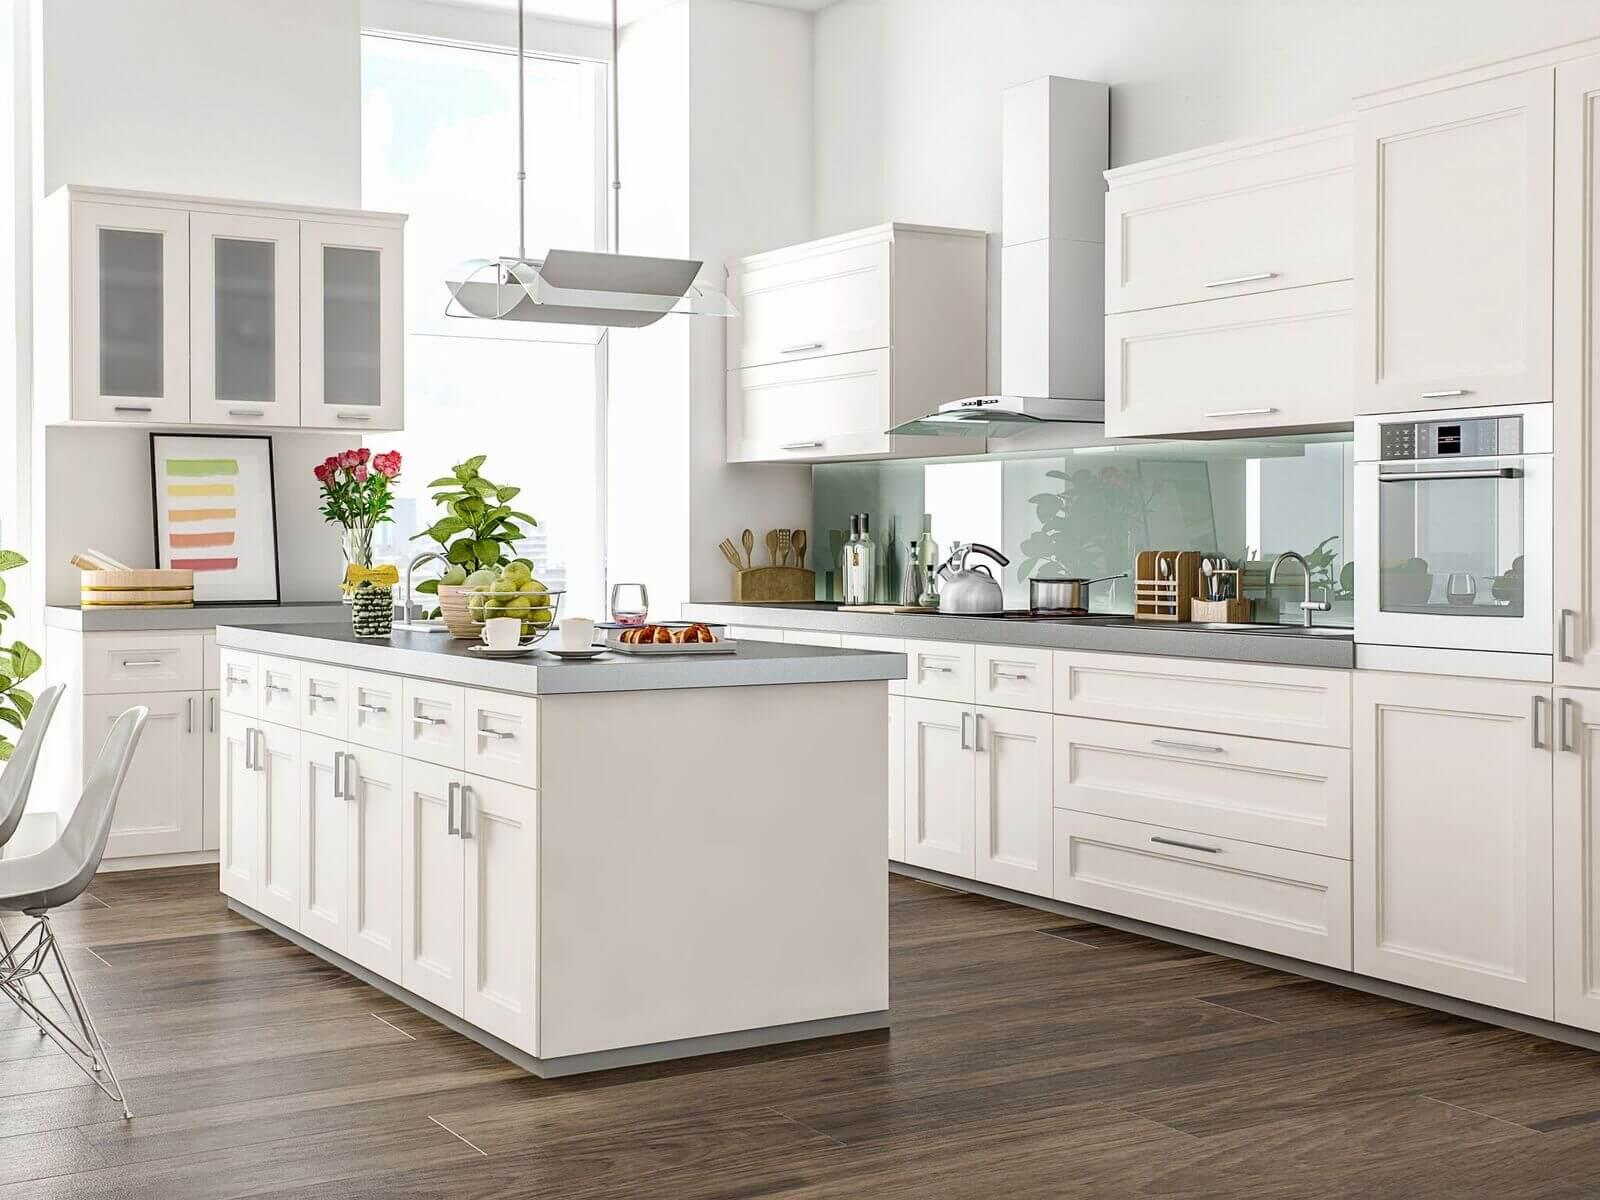 chic modern white kitchen cabinets